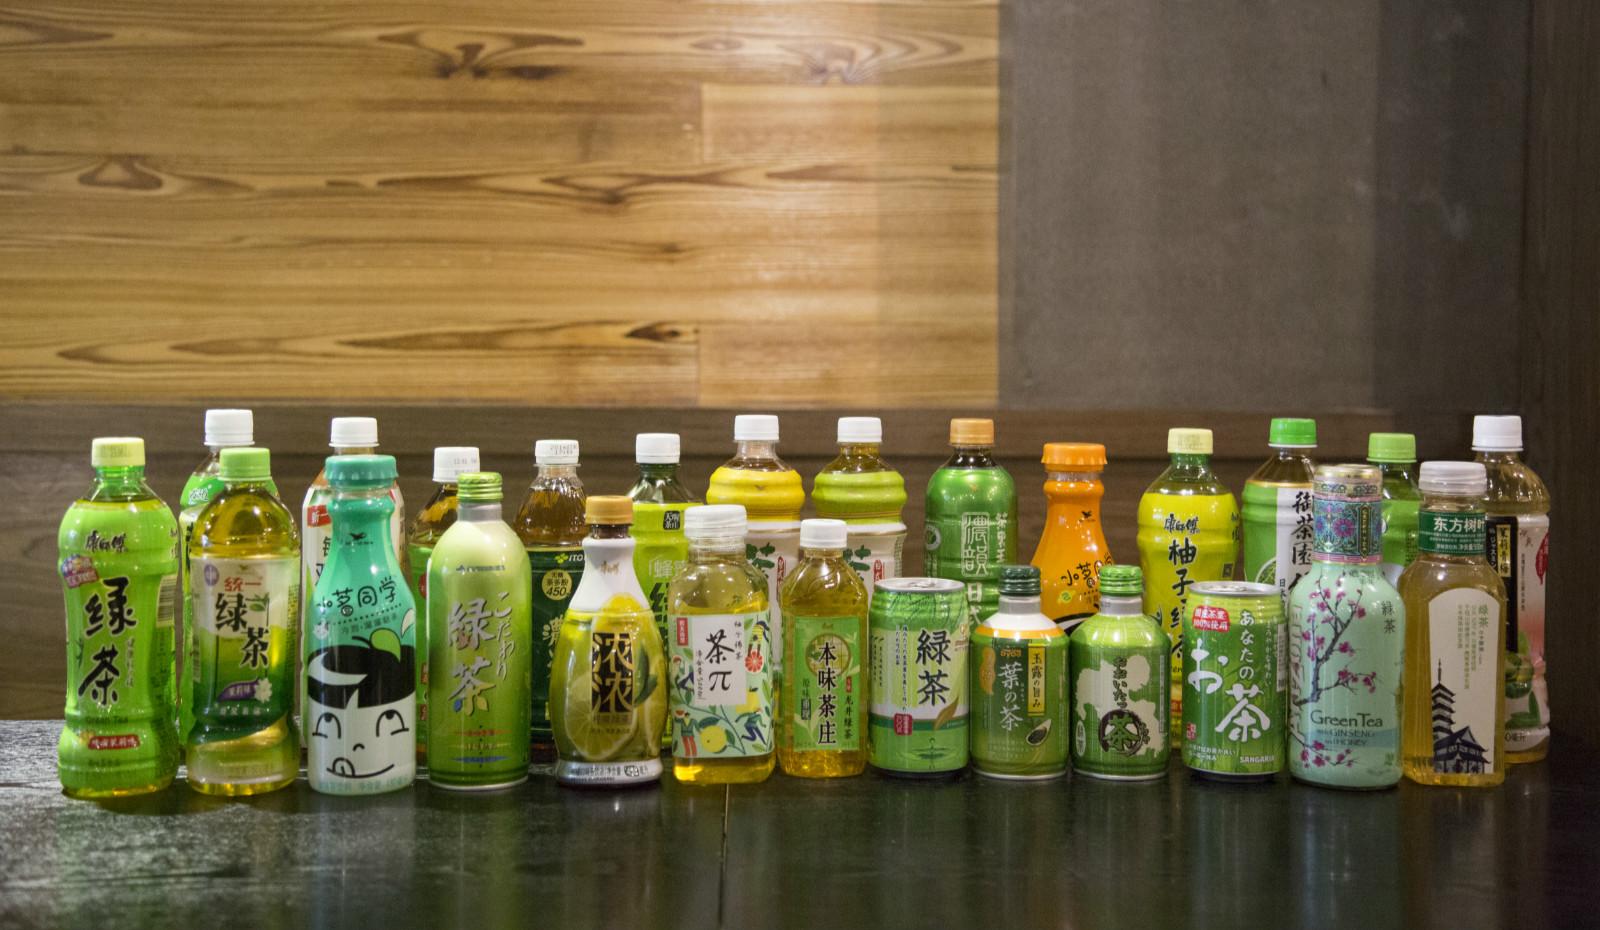 绿茶BIAO的大审判!史上最全面的绿茶饮料测评